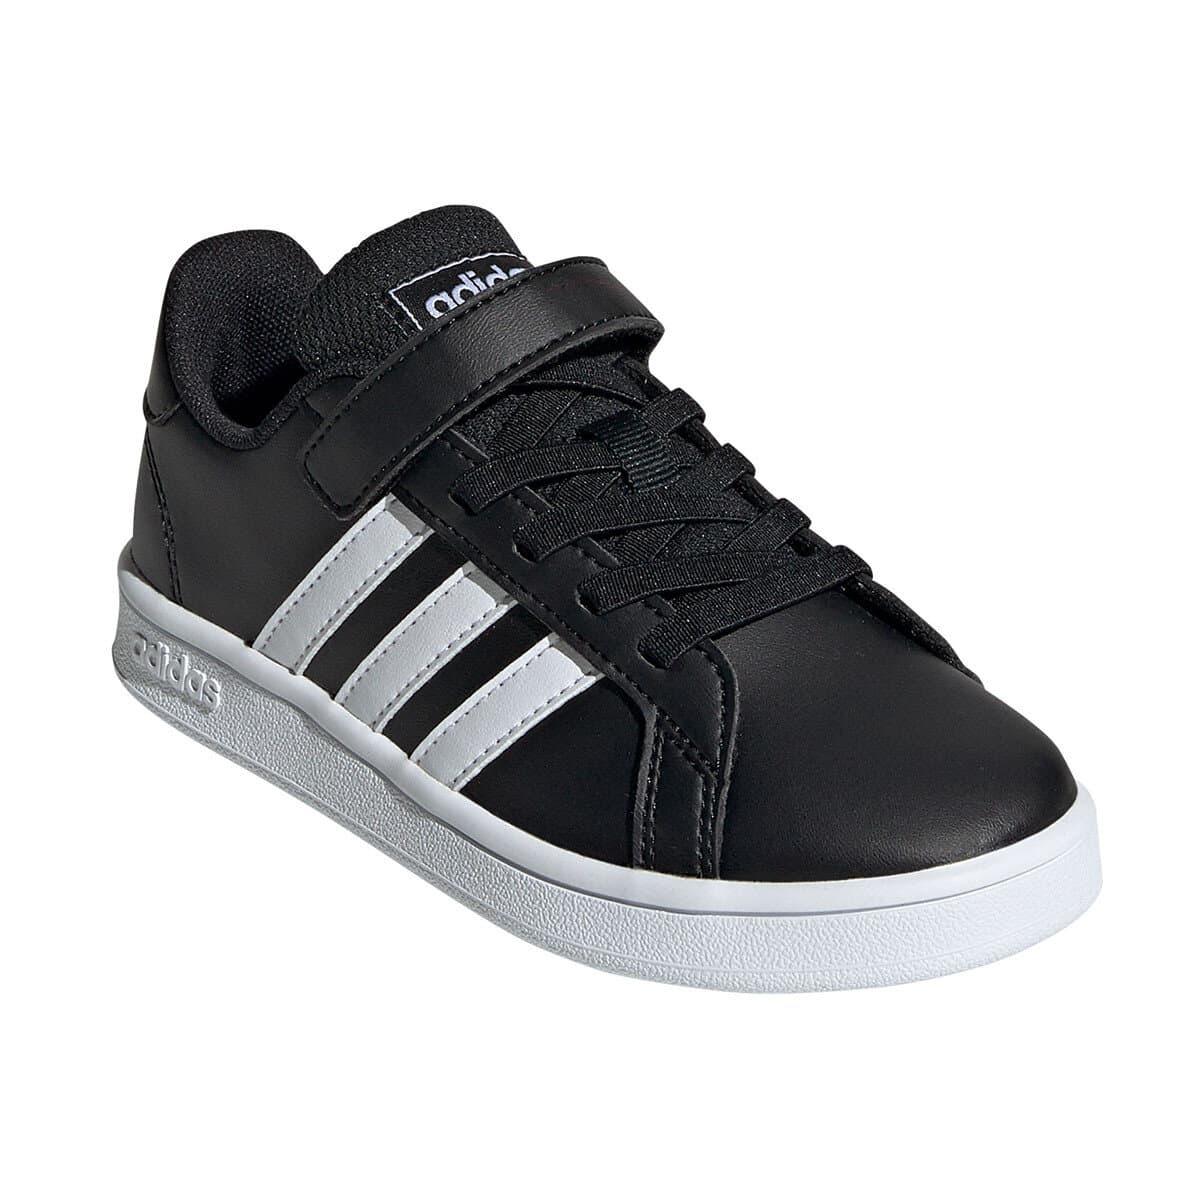 Grand Court Çocuk Siyah Spor Ayakkabı (EF0108)